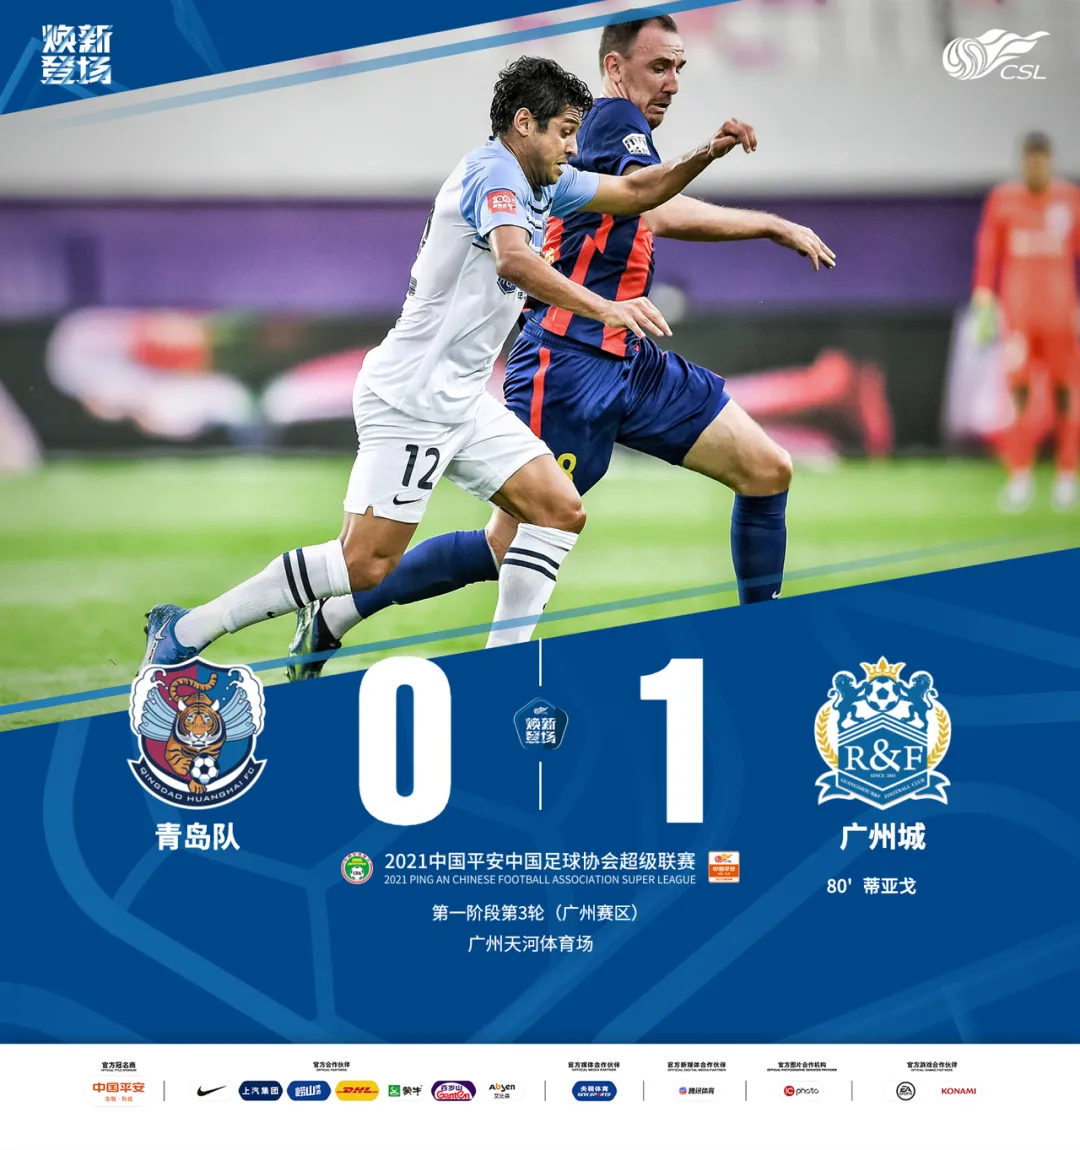 青岛队0-1广州城数据:净比赛时间超63分钟,广州城传控占优